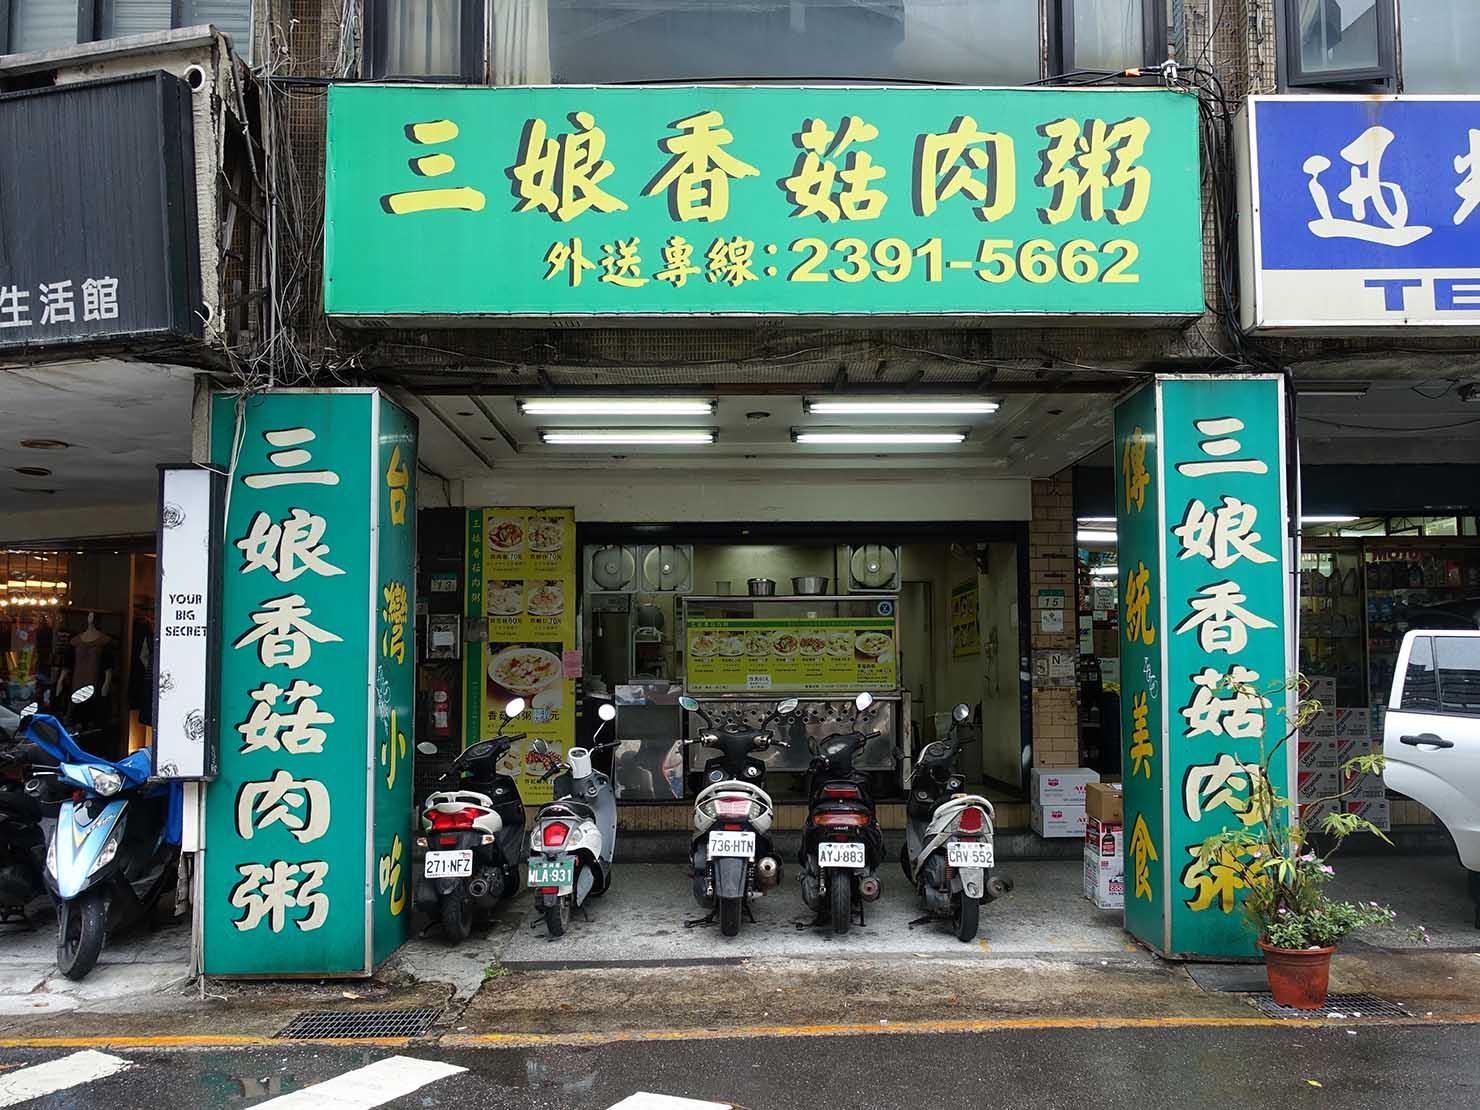 台北・中正紀念堂のおすすめグルメ店「三娘香菇肉粥」の外観